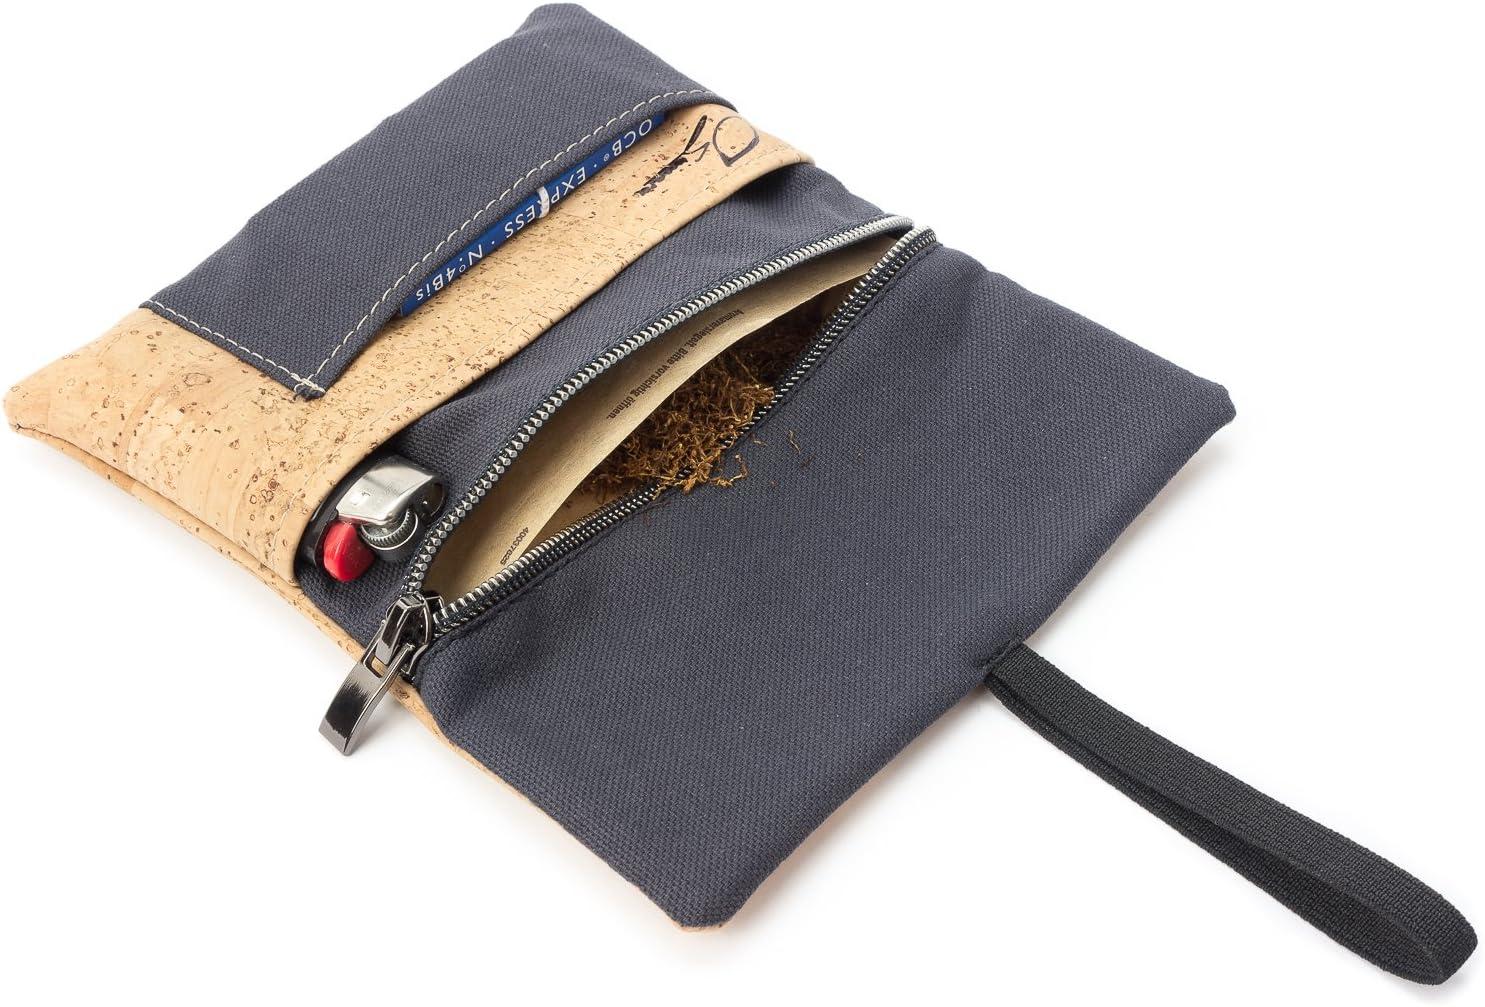 Compartiments pour Briquet Anthracite /& Beige Porte-Tabac zipp/é- Fabriqu/é en UE by SIMARU Blague /à Tabac /à Rouler en Cuir V/égan Id/ée Cadeau pour Les Fumeurs filtres et Porte-papiers